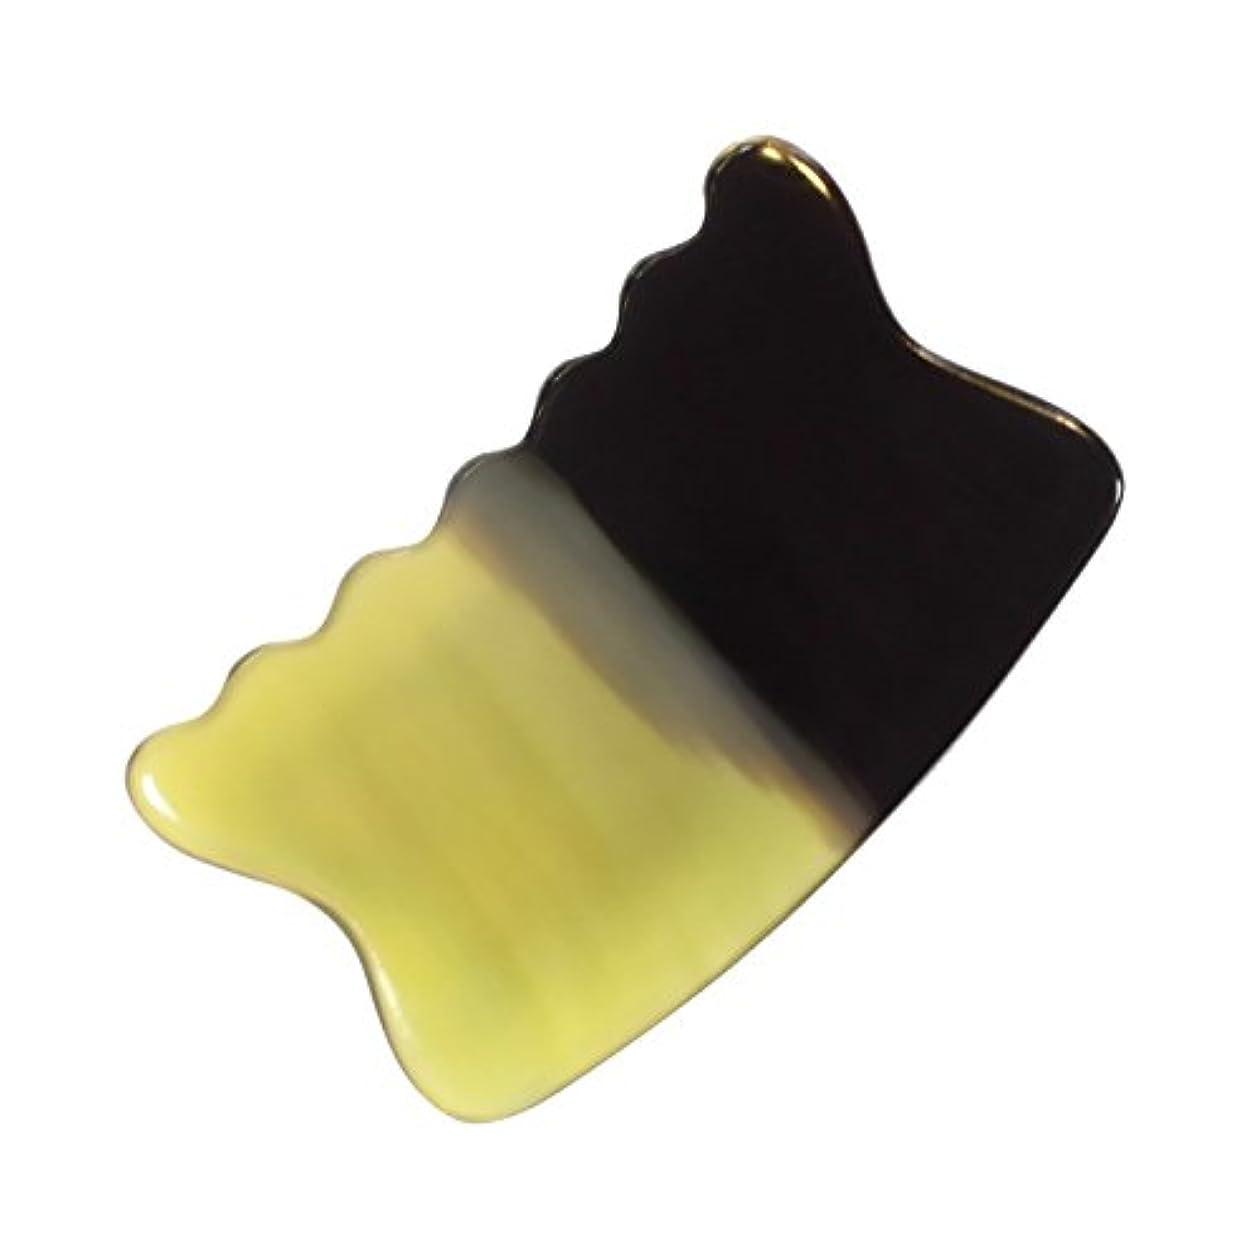 永続物理的に自分を引き上げるかっさ プレート 希少60 黄水牛角 極美品 曲波型